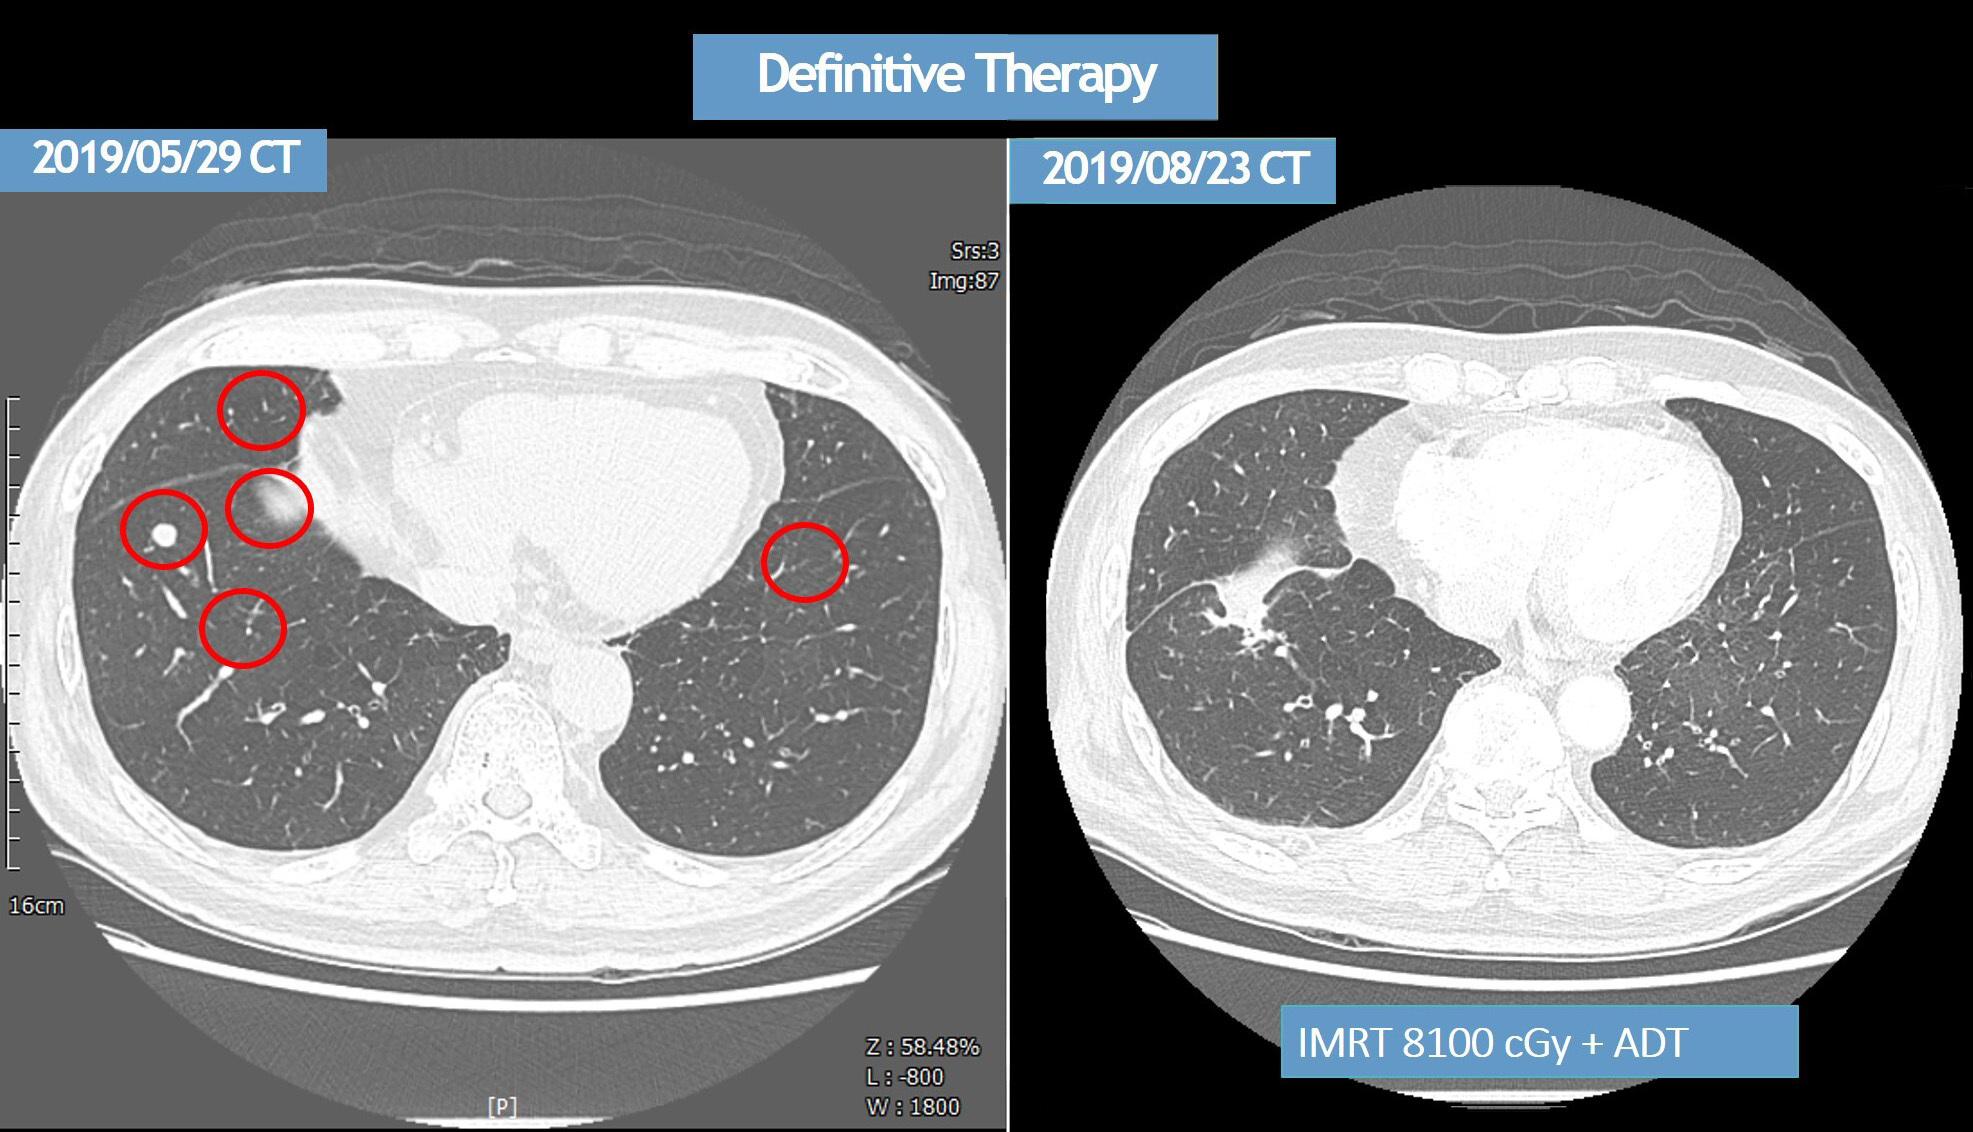 癌症剋星新曙光 多元細胞治療新利器